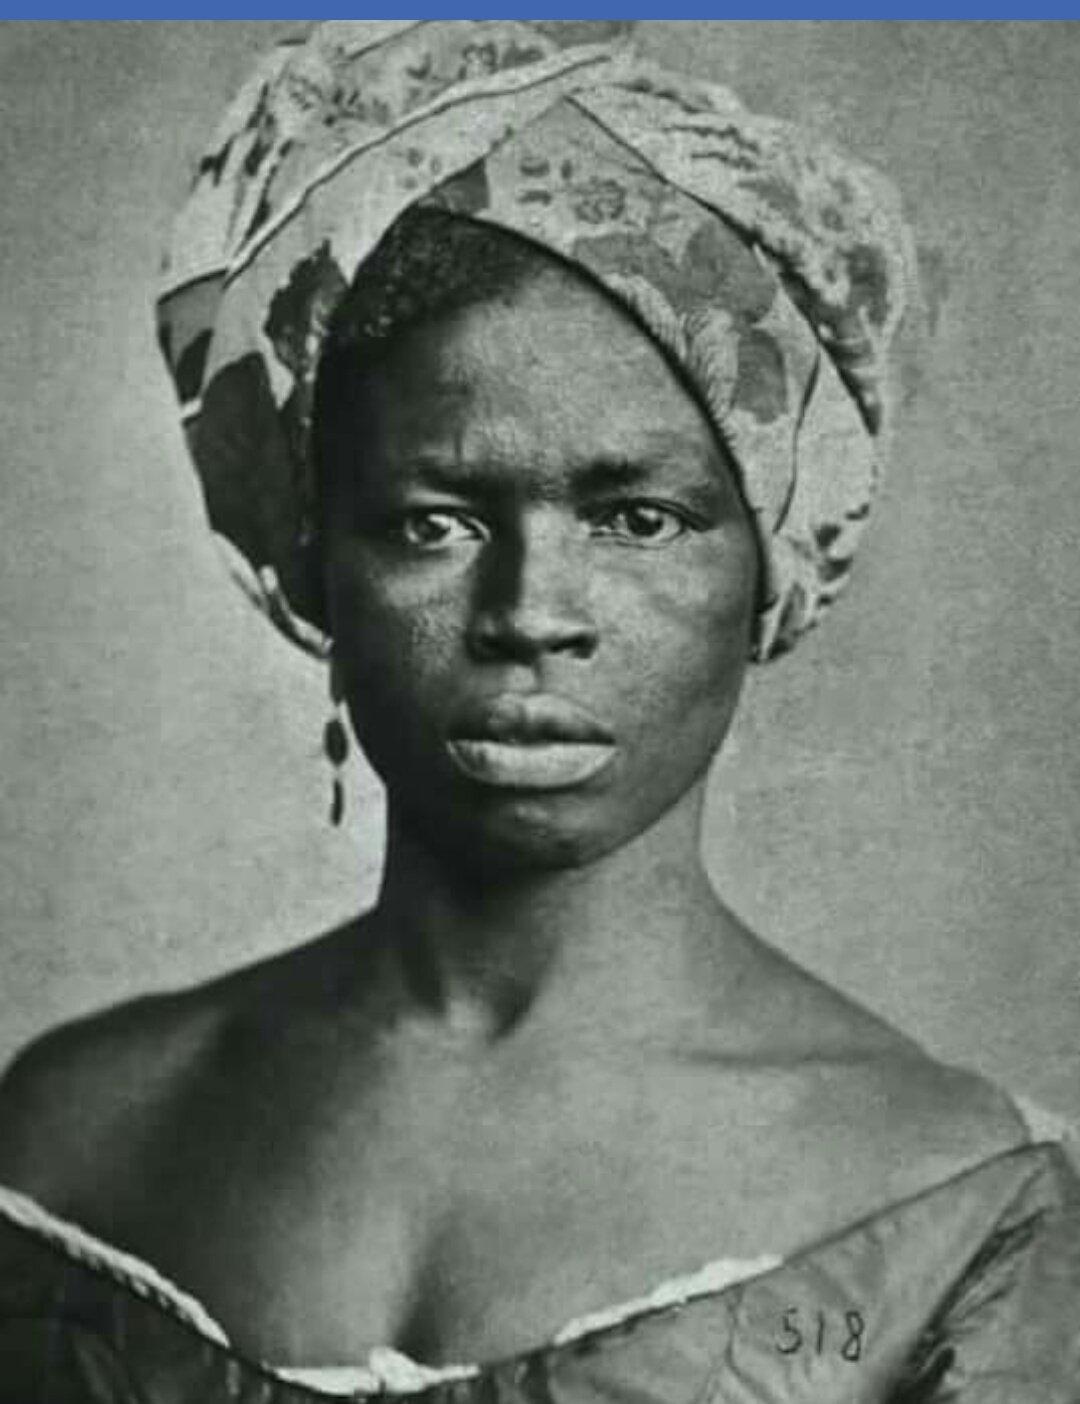 Imagen en blanco y negro de una persona  Descripción generada automáticamente